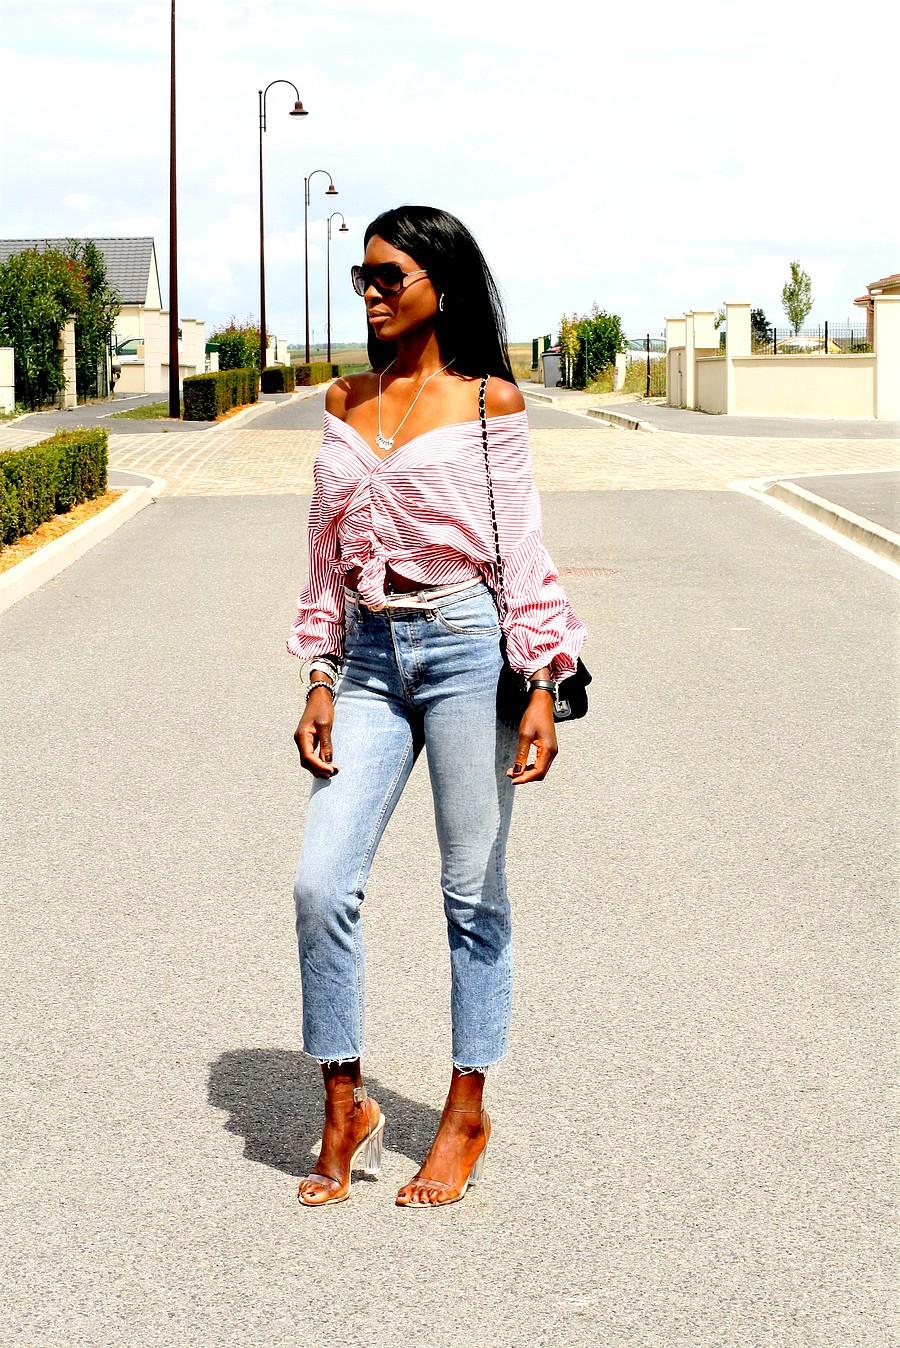 comment-etre-chic-en-jeans